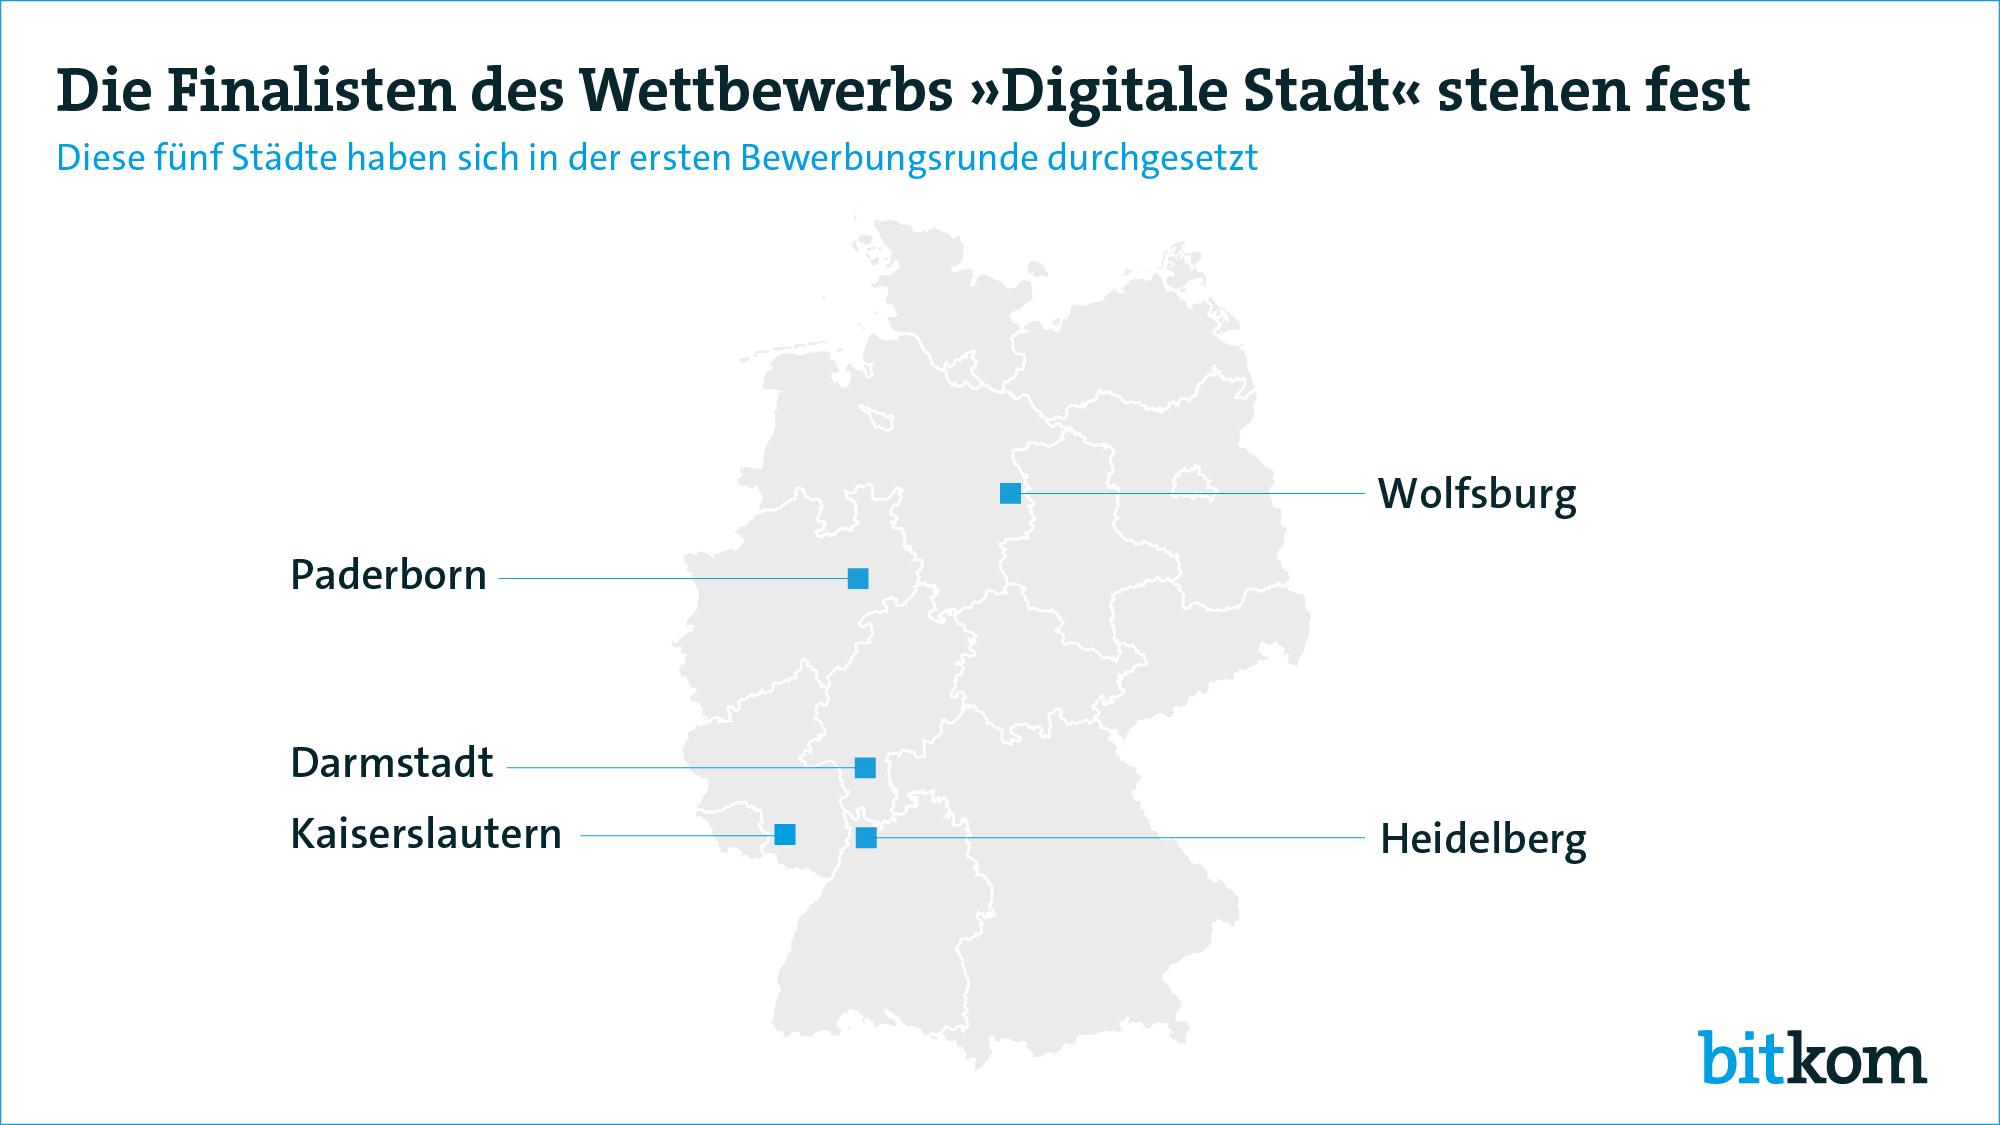 Funf Stadte Erreichen Finale Des Wettbewerbs Digitale Stadt